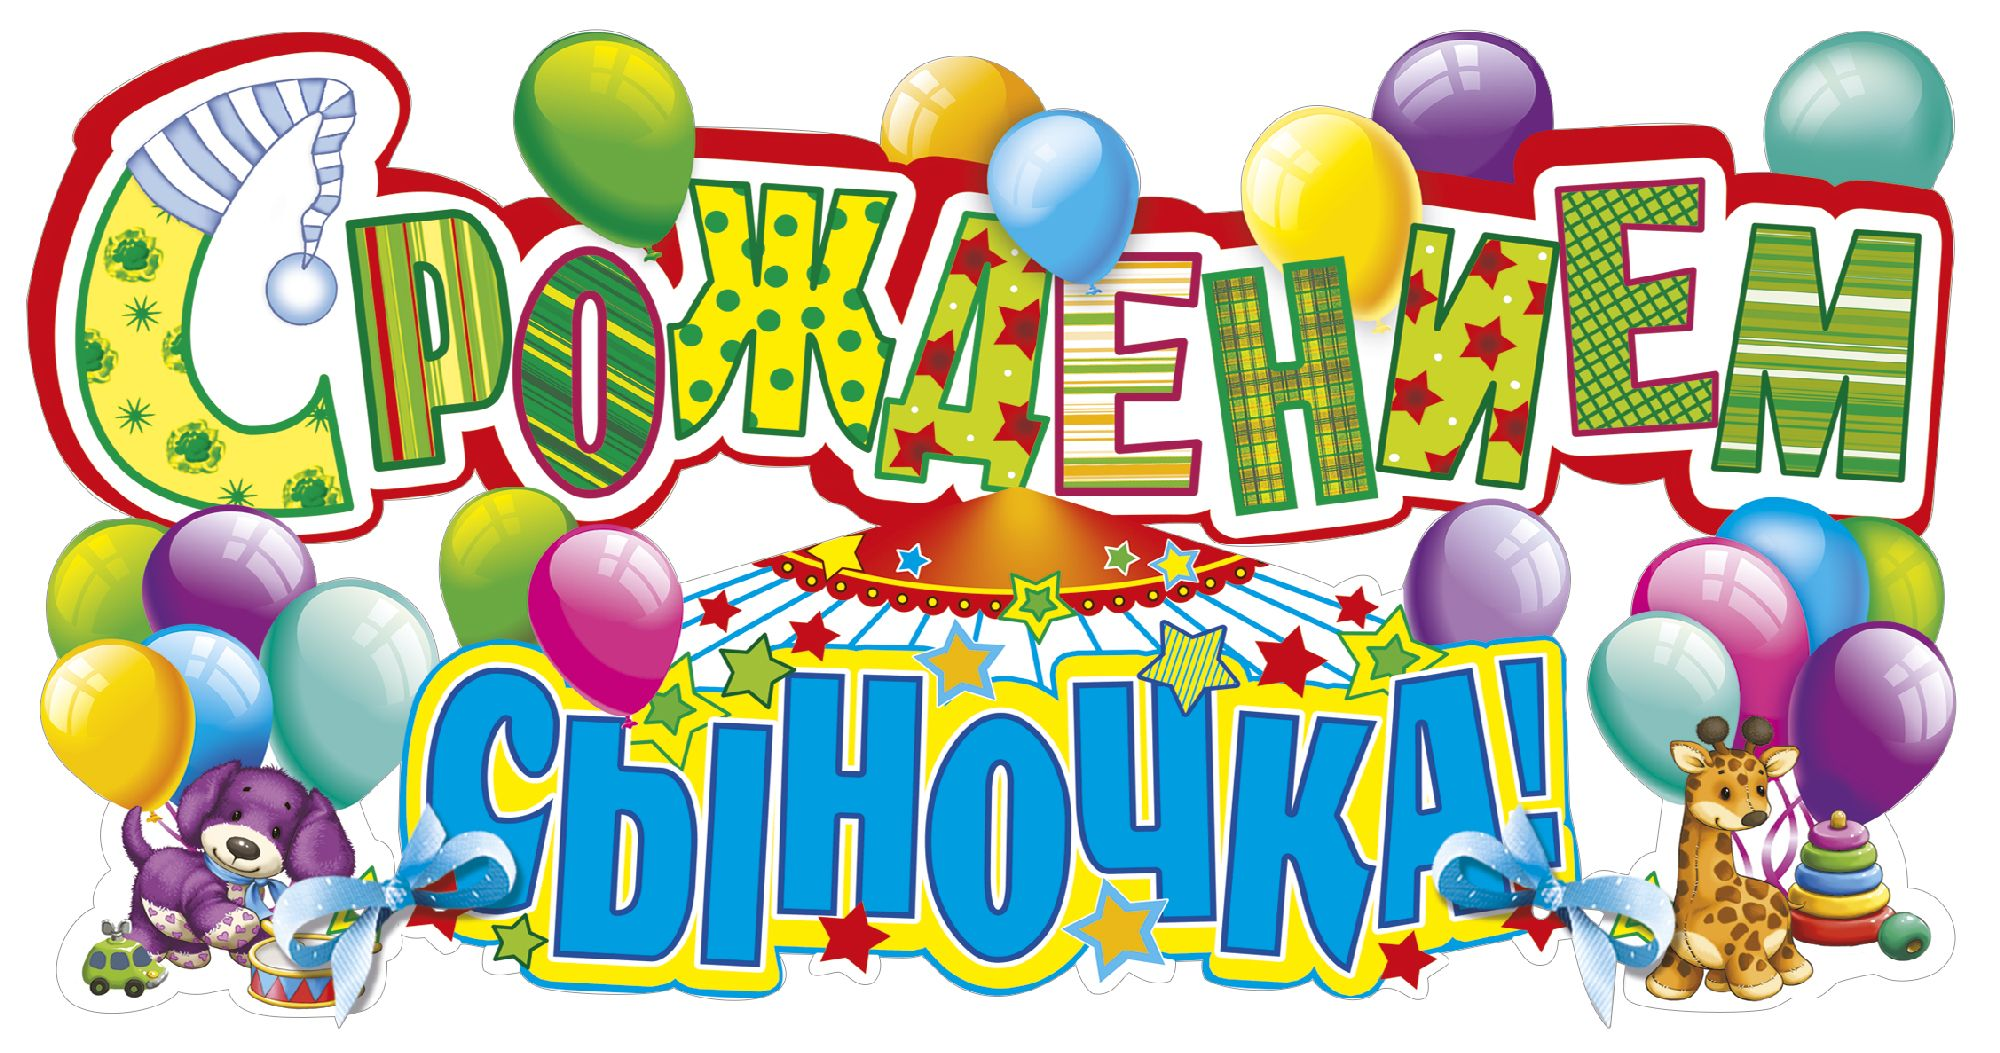 Плакат с днем рождения для дочери своими руками фото 985